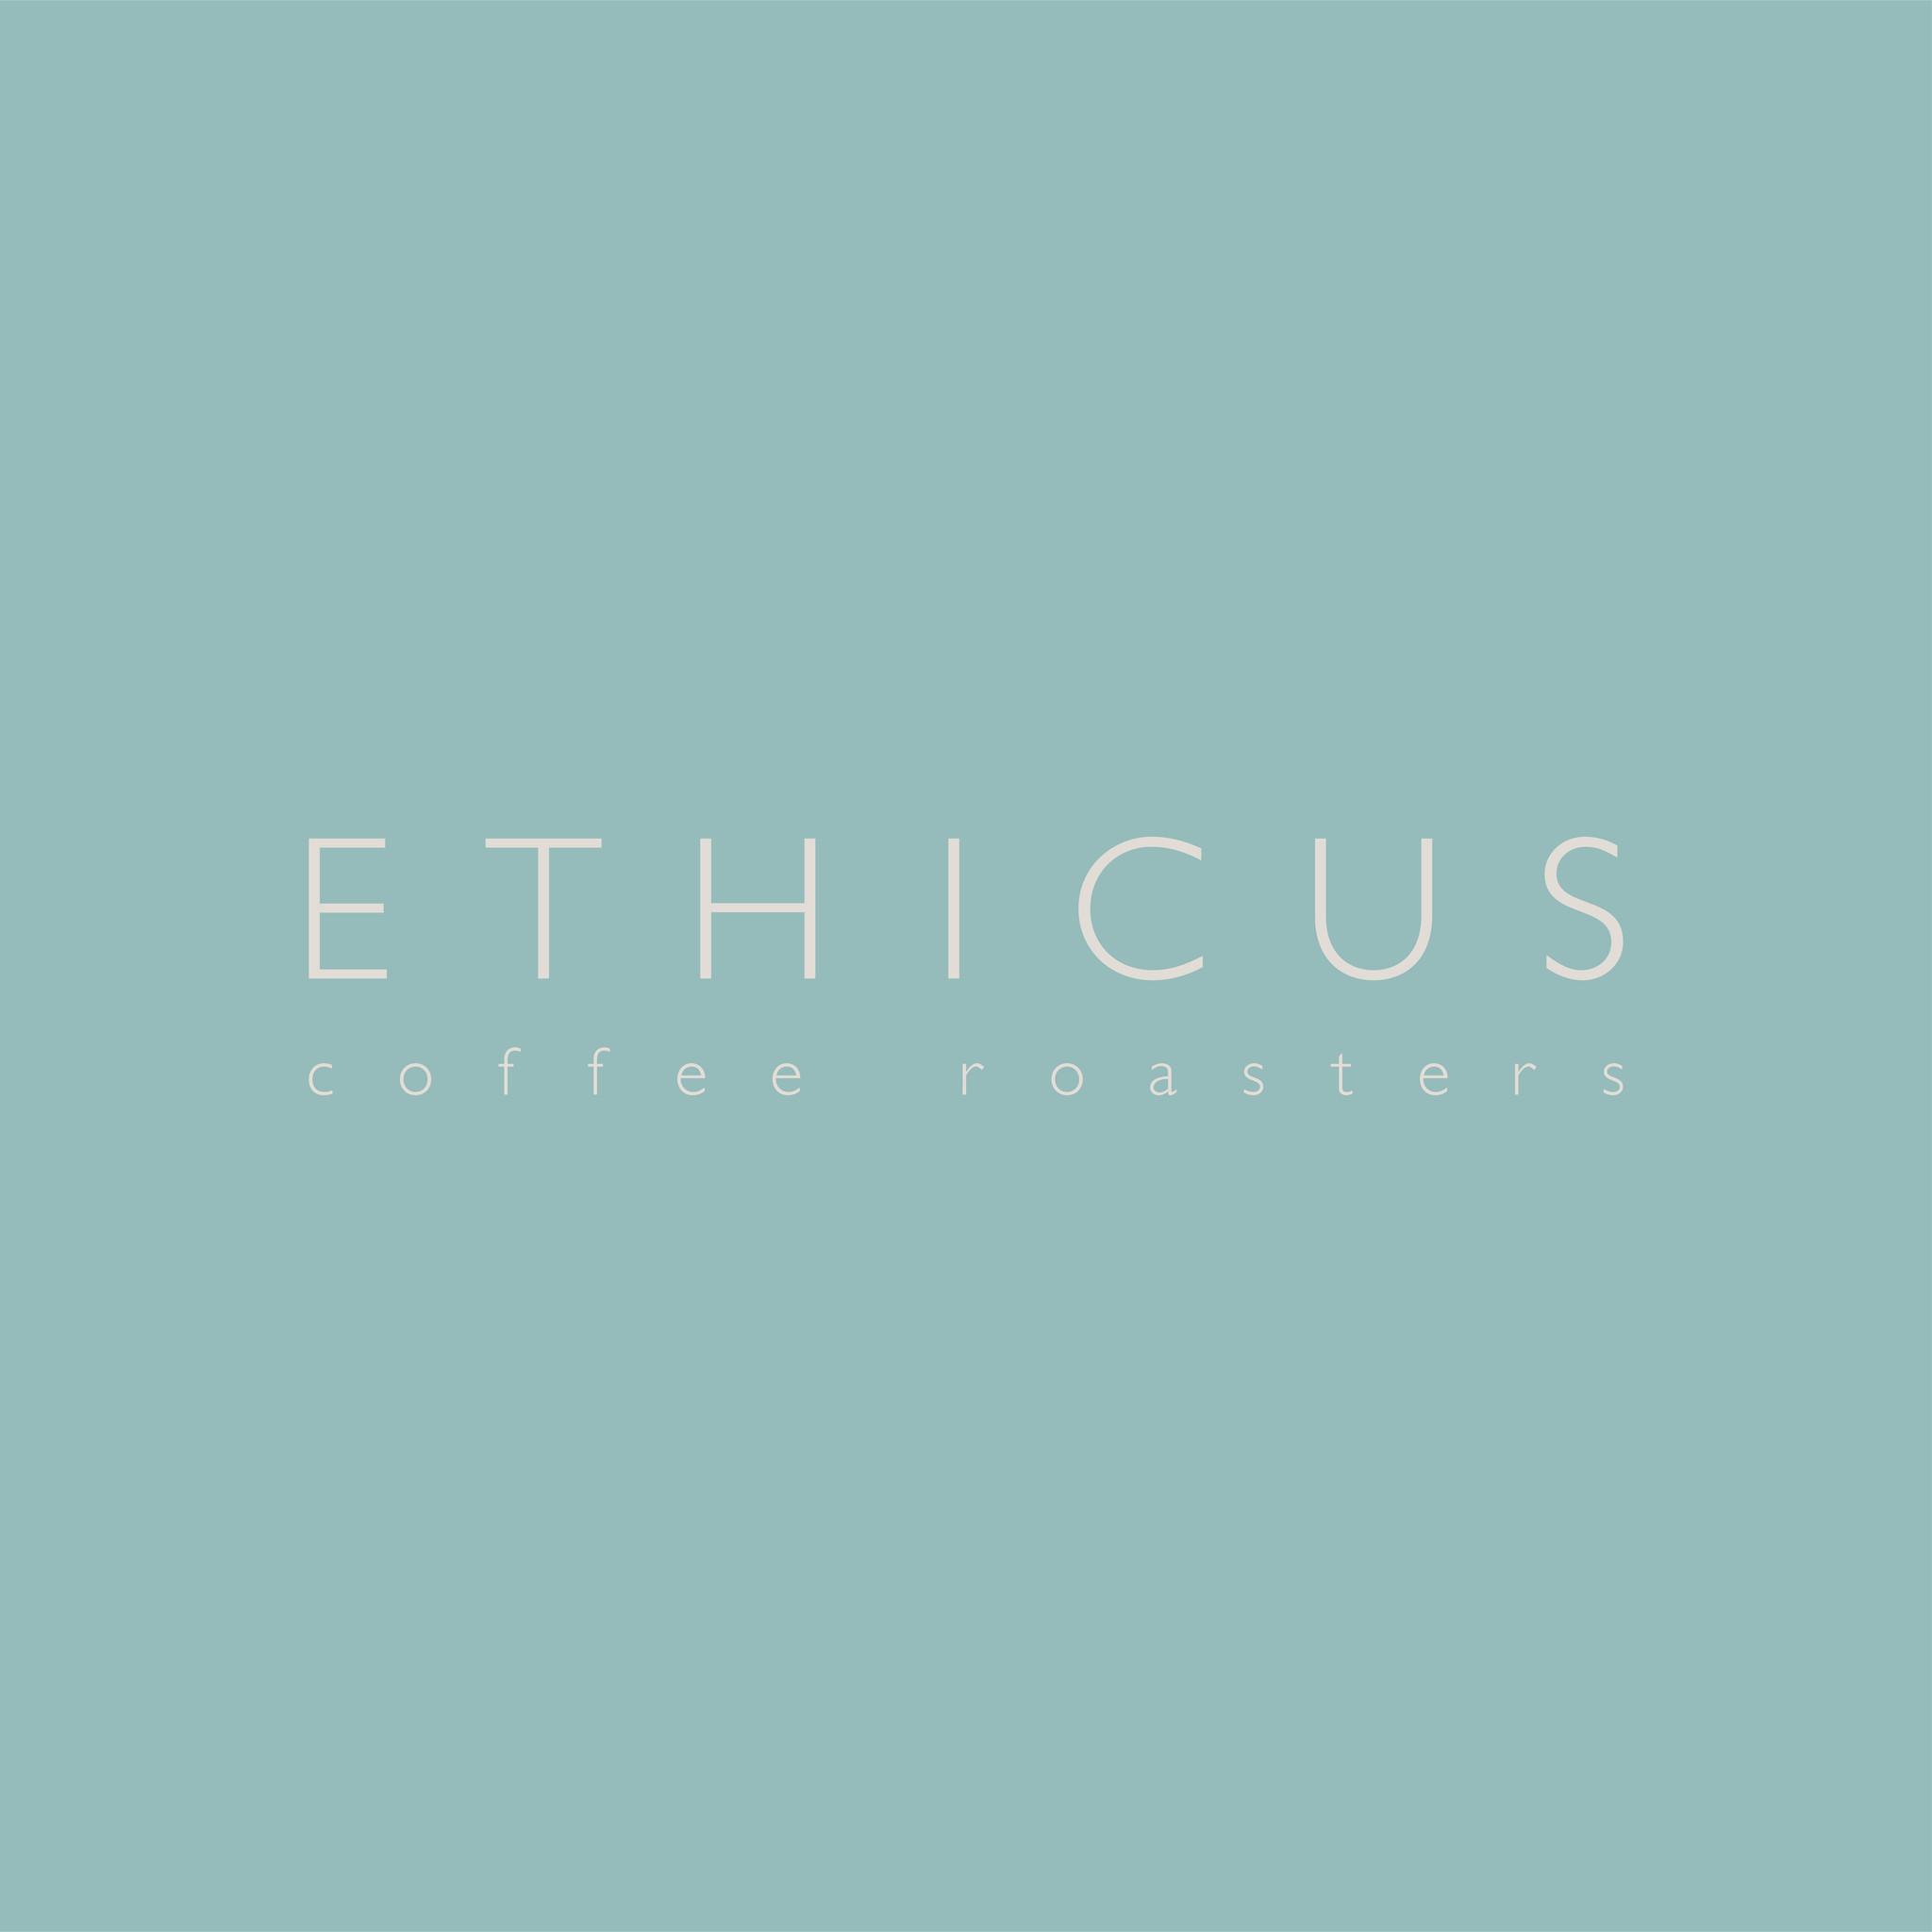 ethicus